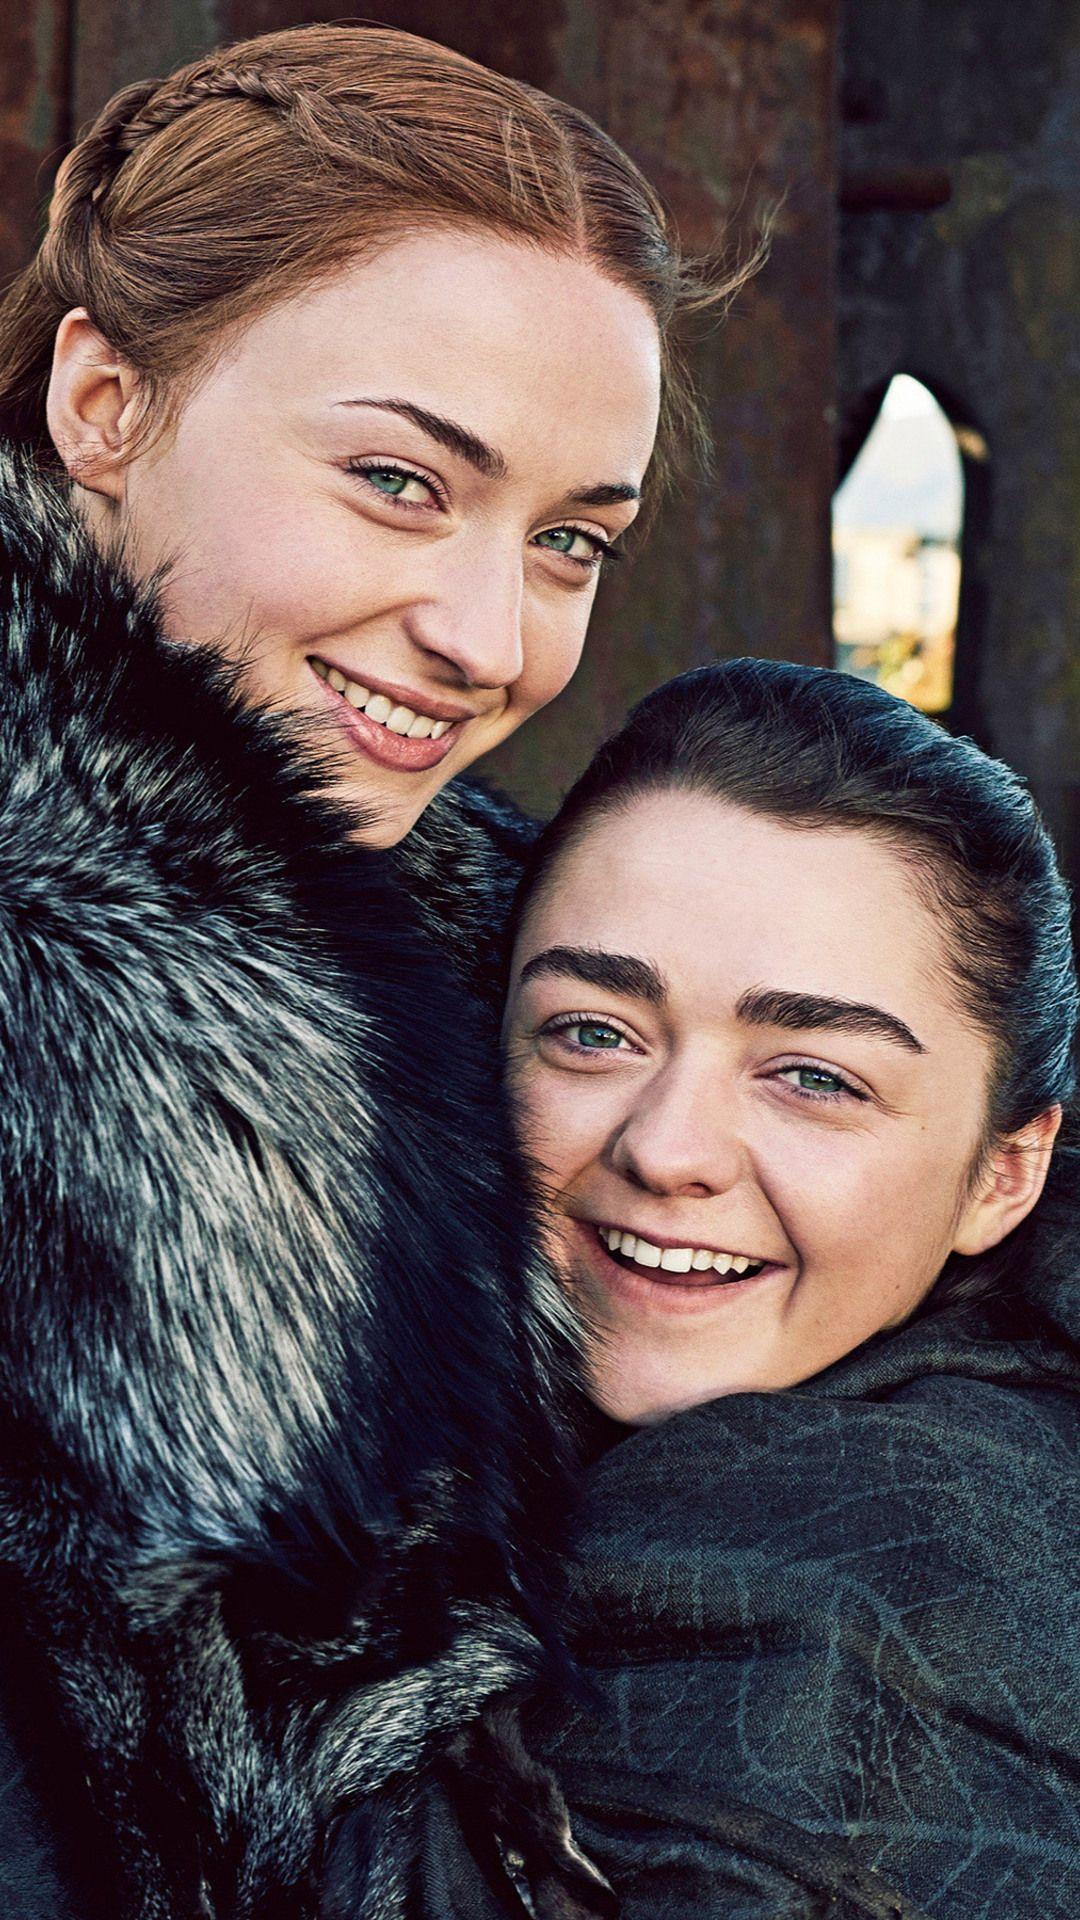 Arya Stark And Sansa Stark Game Of Thrones Season 7 In 1080x1920 Resolution Arya And Sansa Maisie Williams Sansa Stark